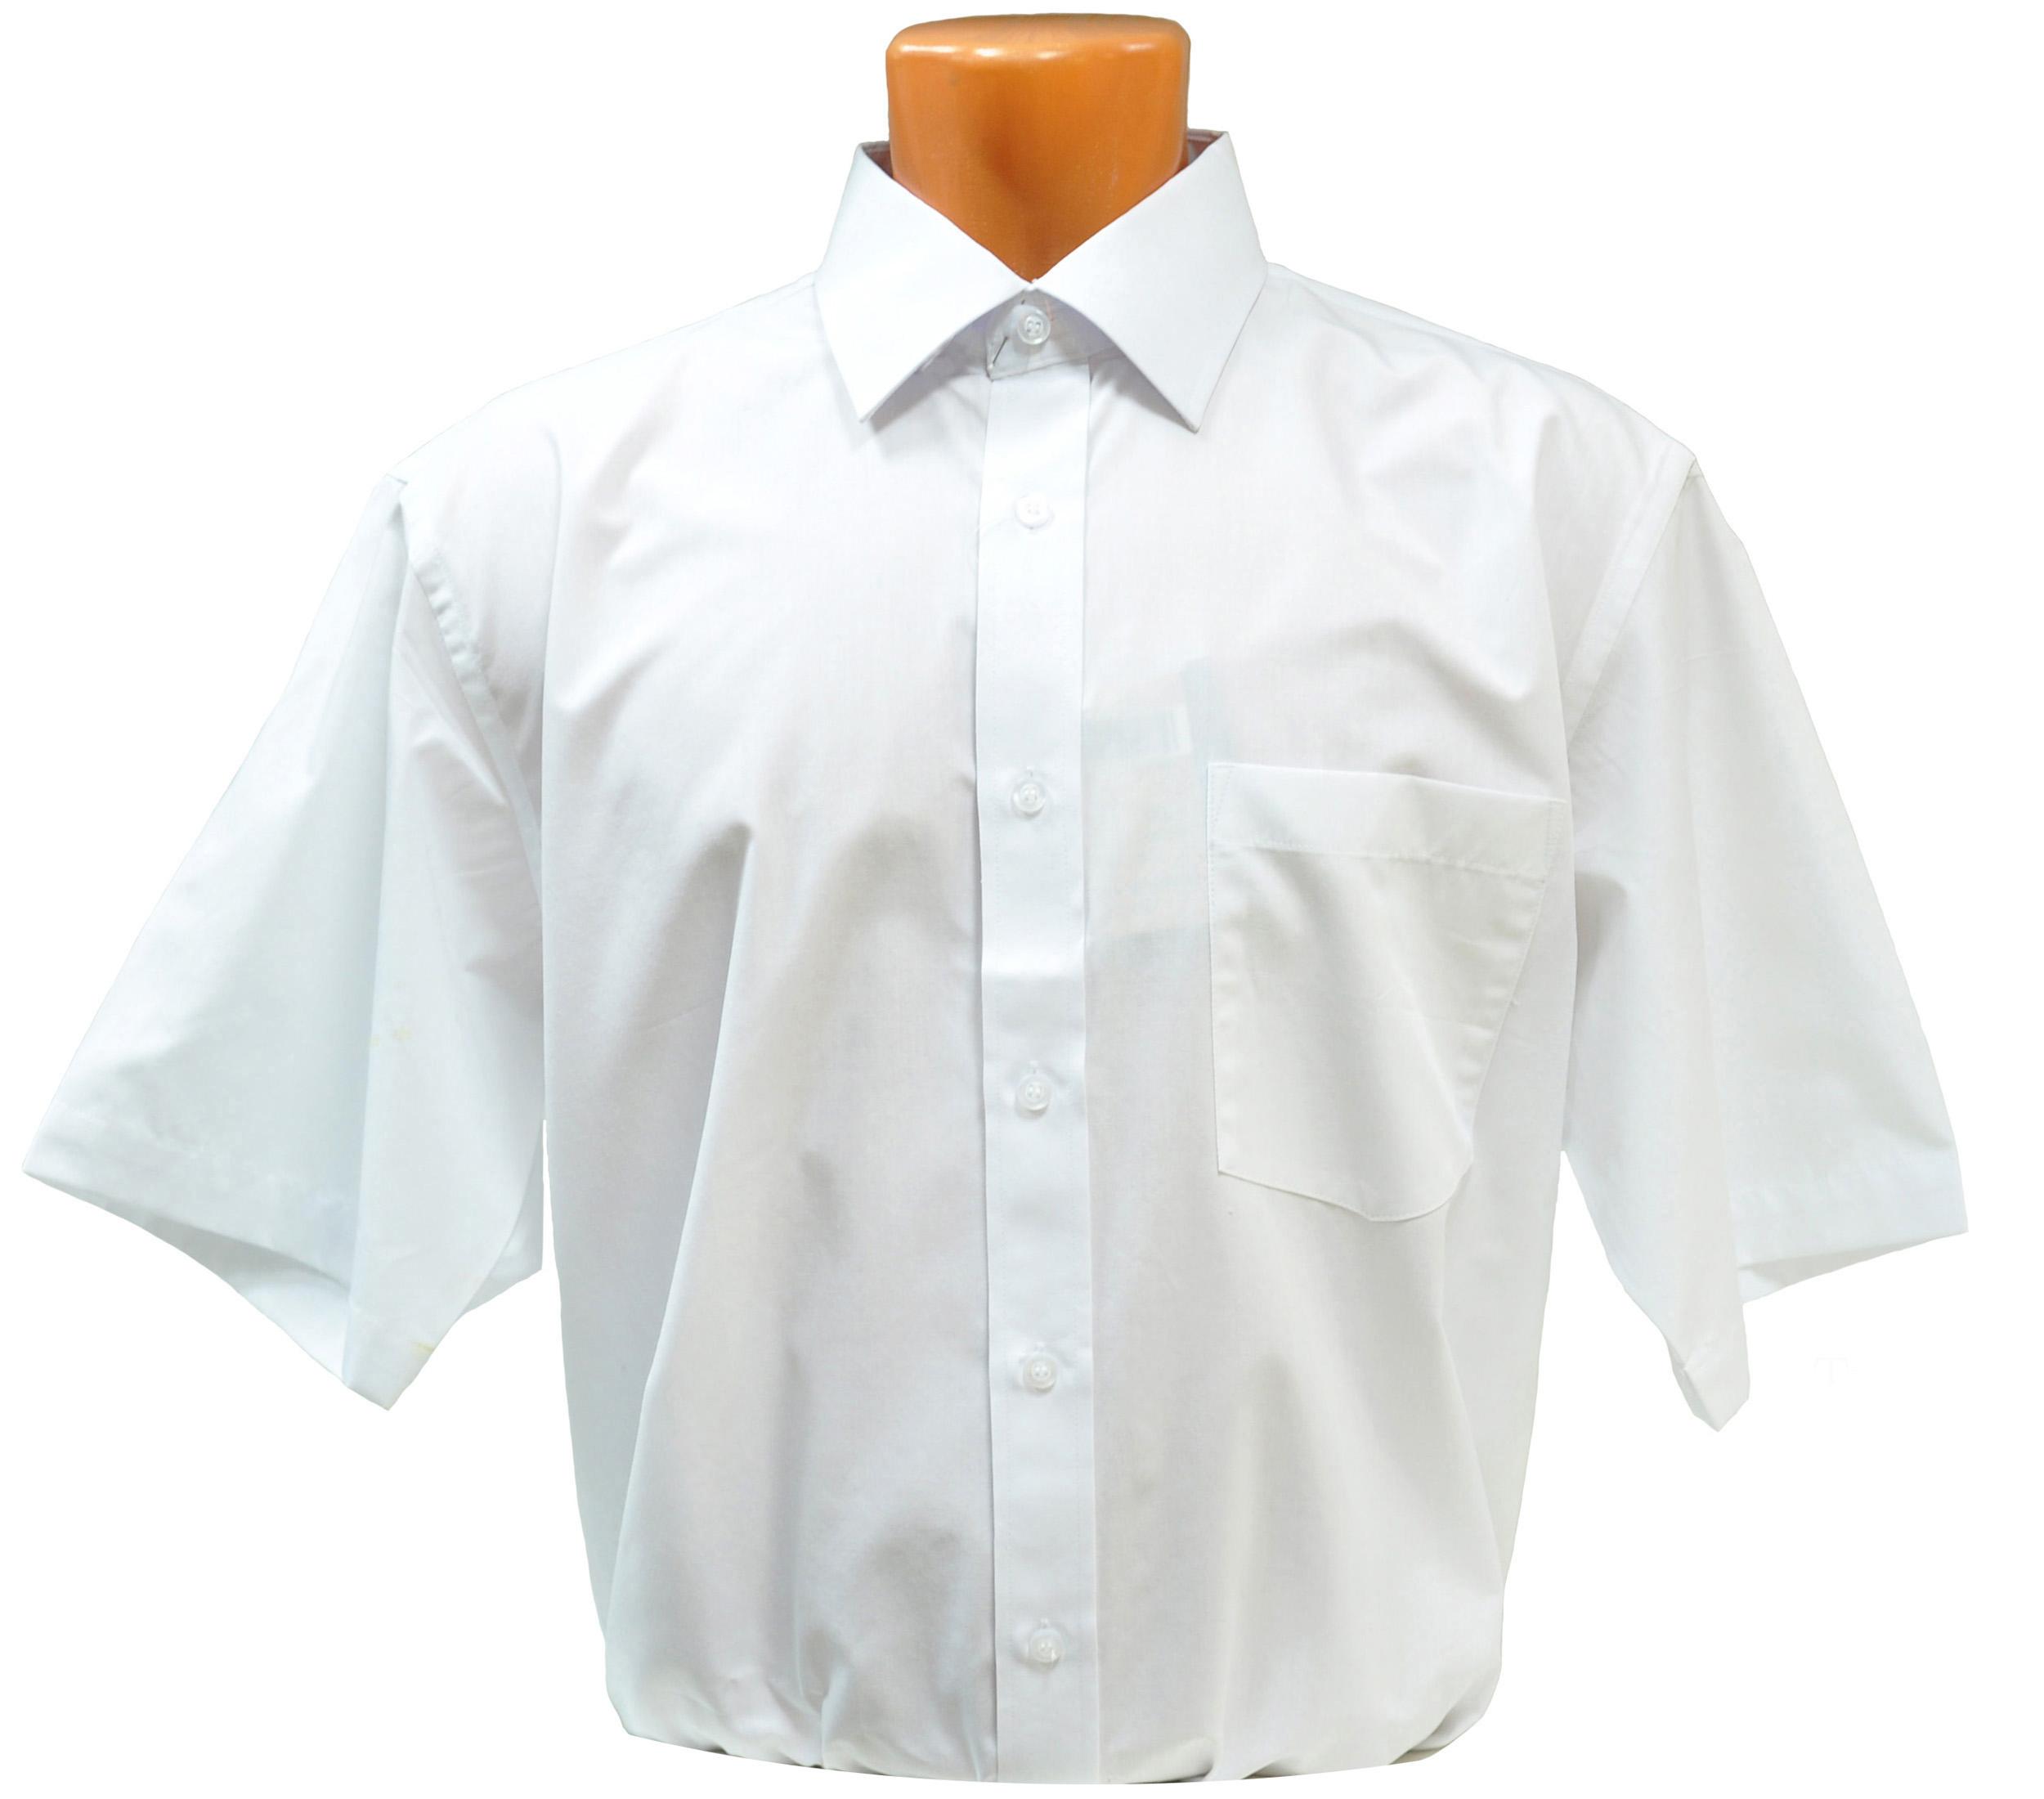 Мужская рубашка с коротким рукавом белого цвета. Материал хлопок